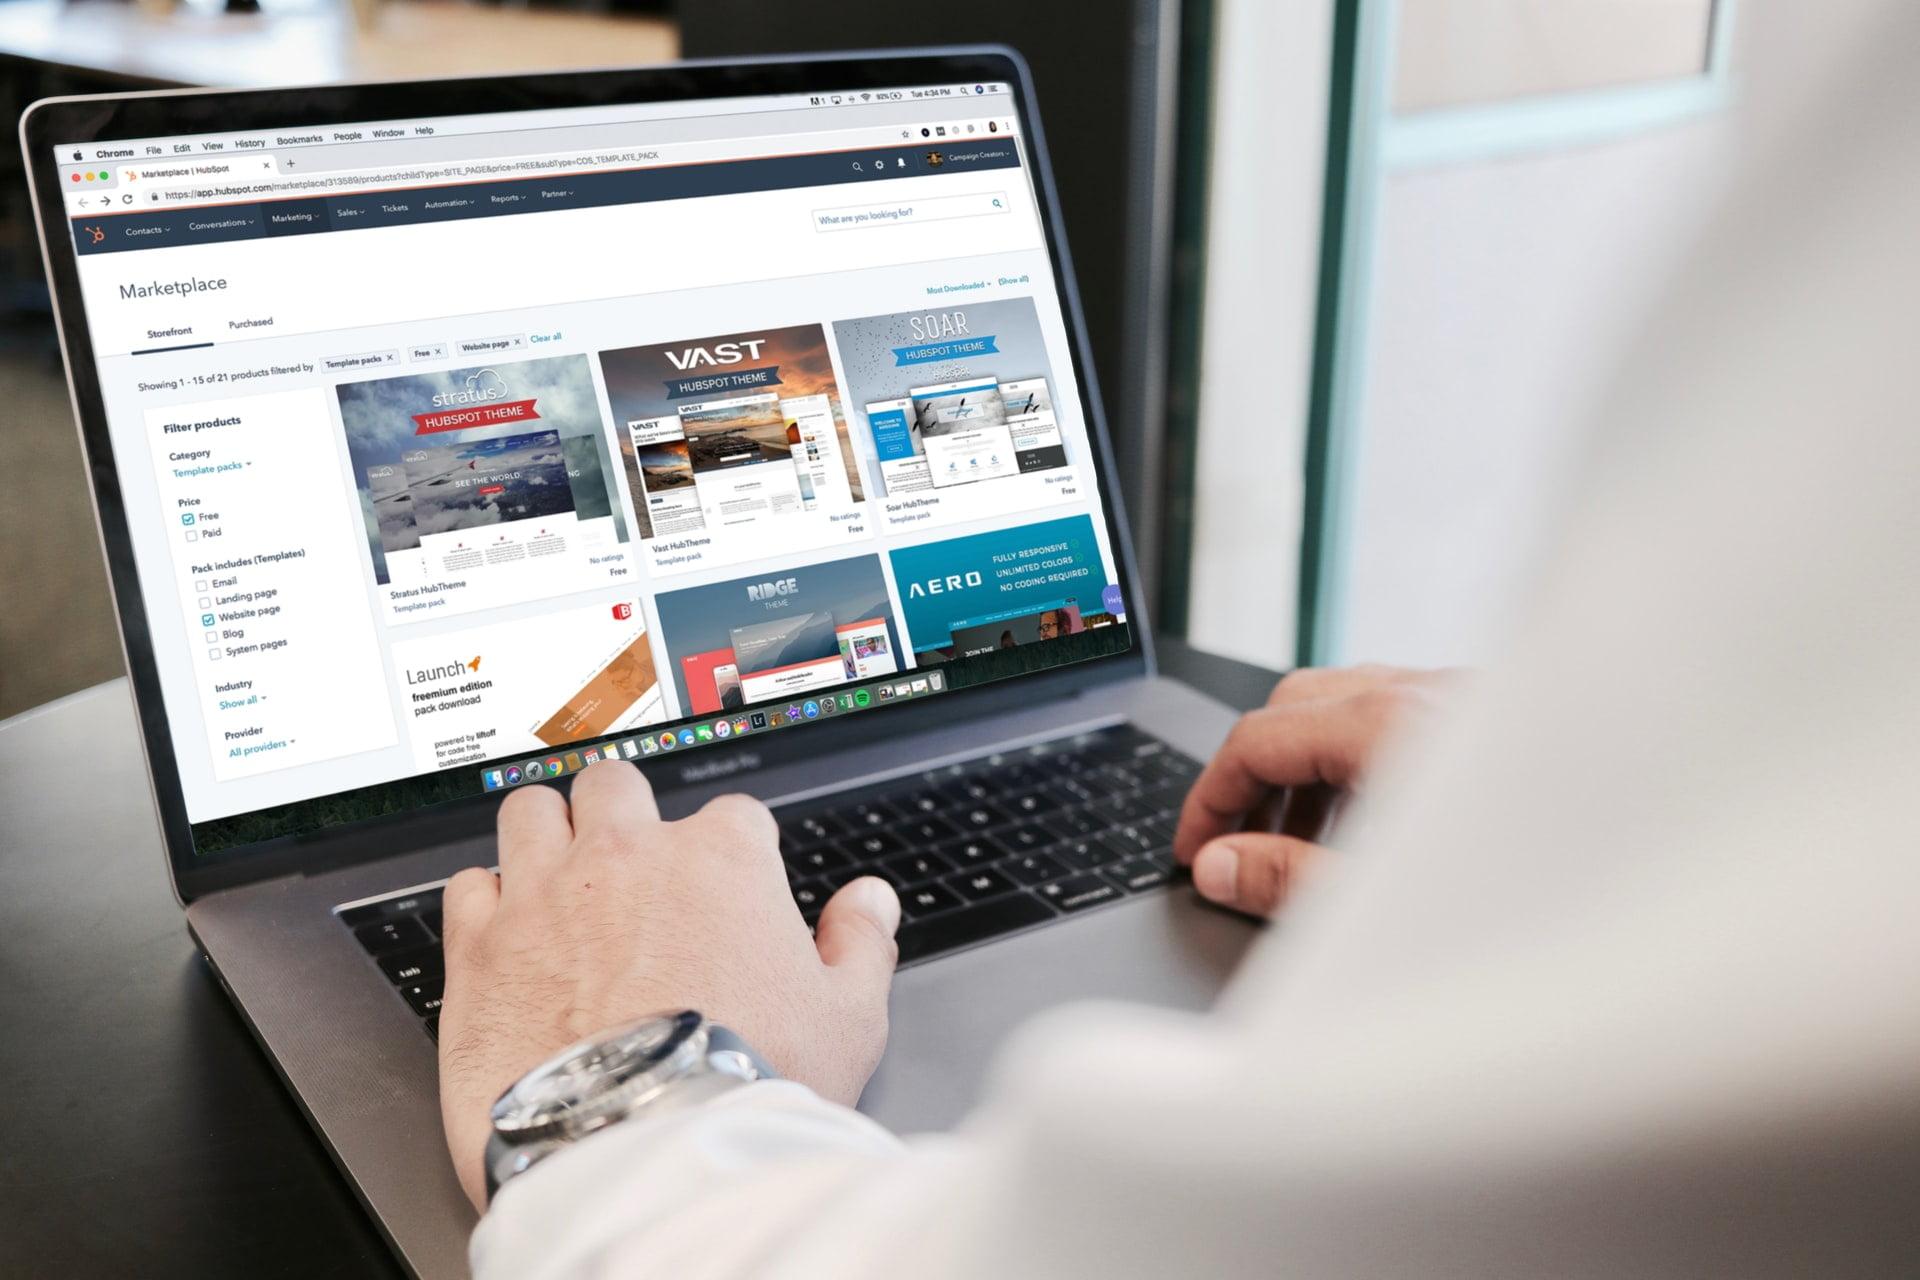 Criação de sites: 5 informações básicas que todo site deve ter